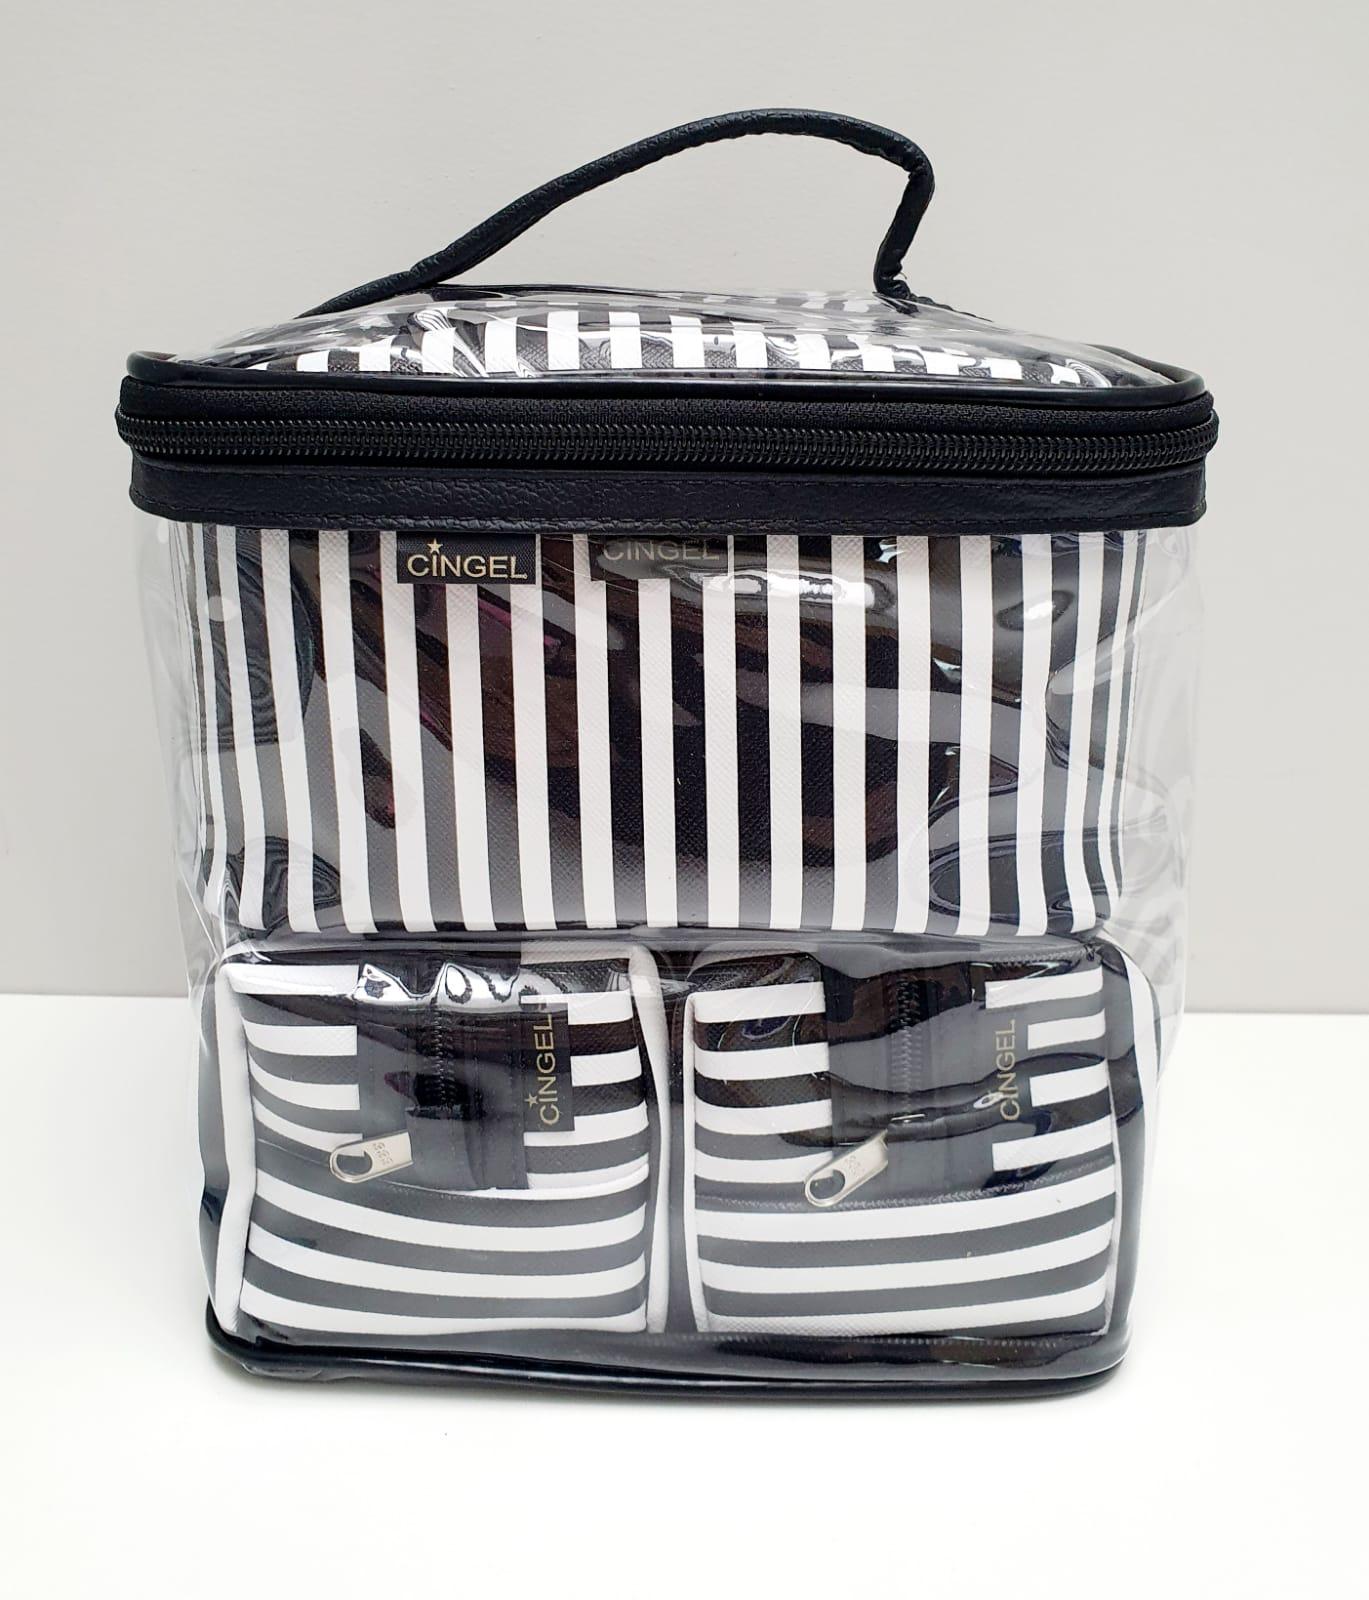 kit - Necessarie Elegance preta e branca - 3 peças